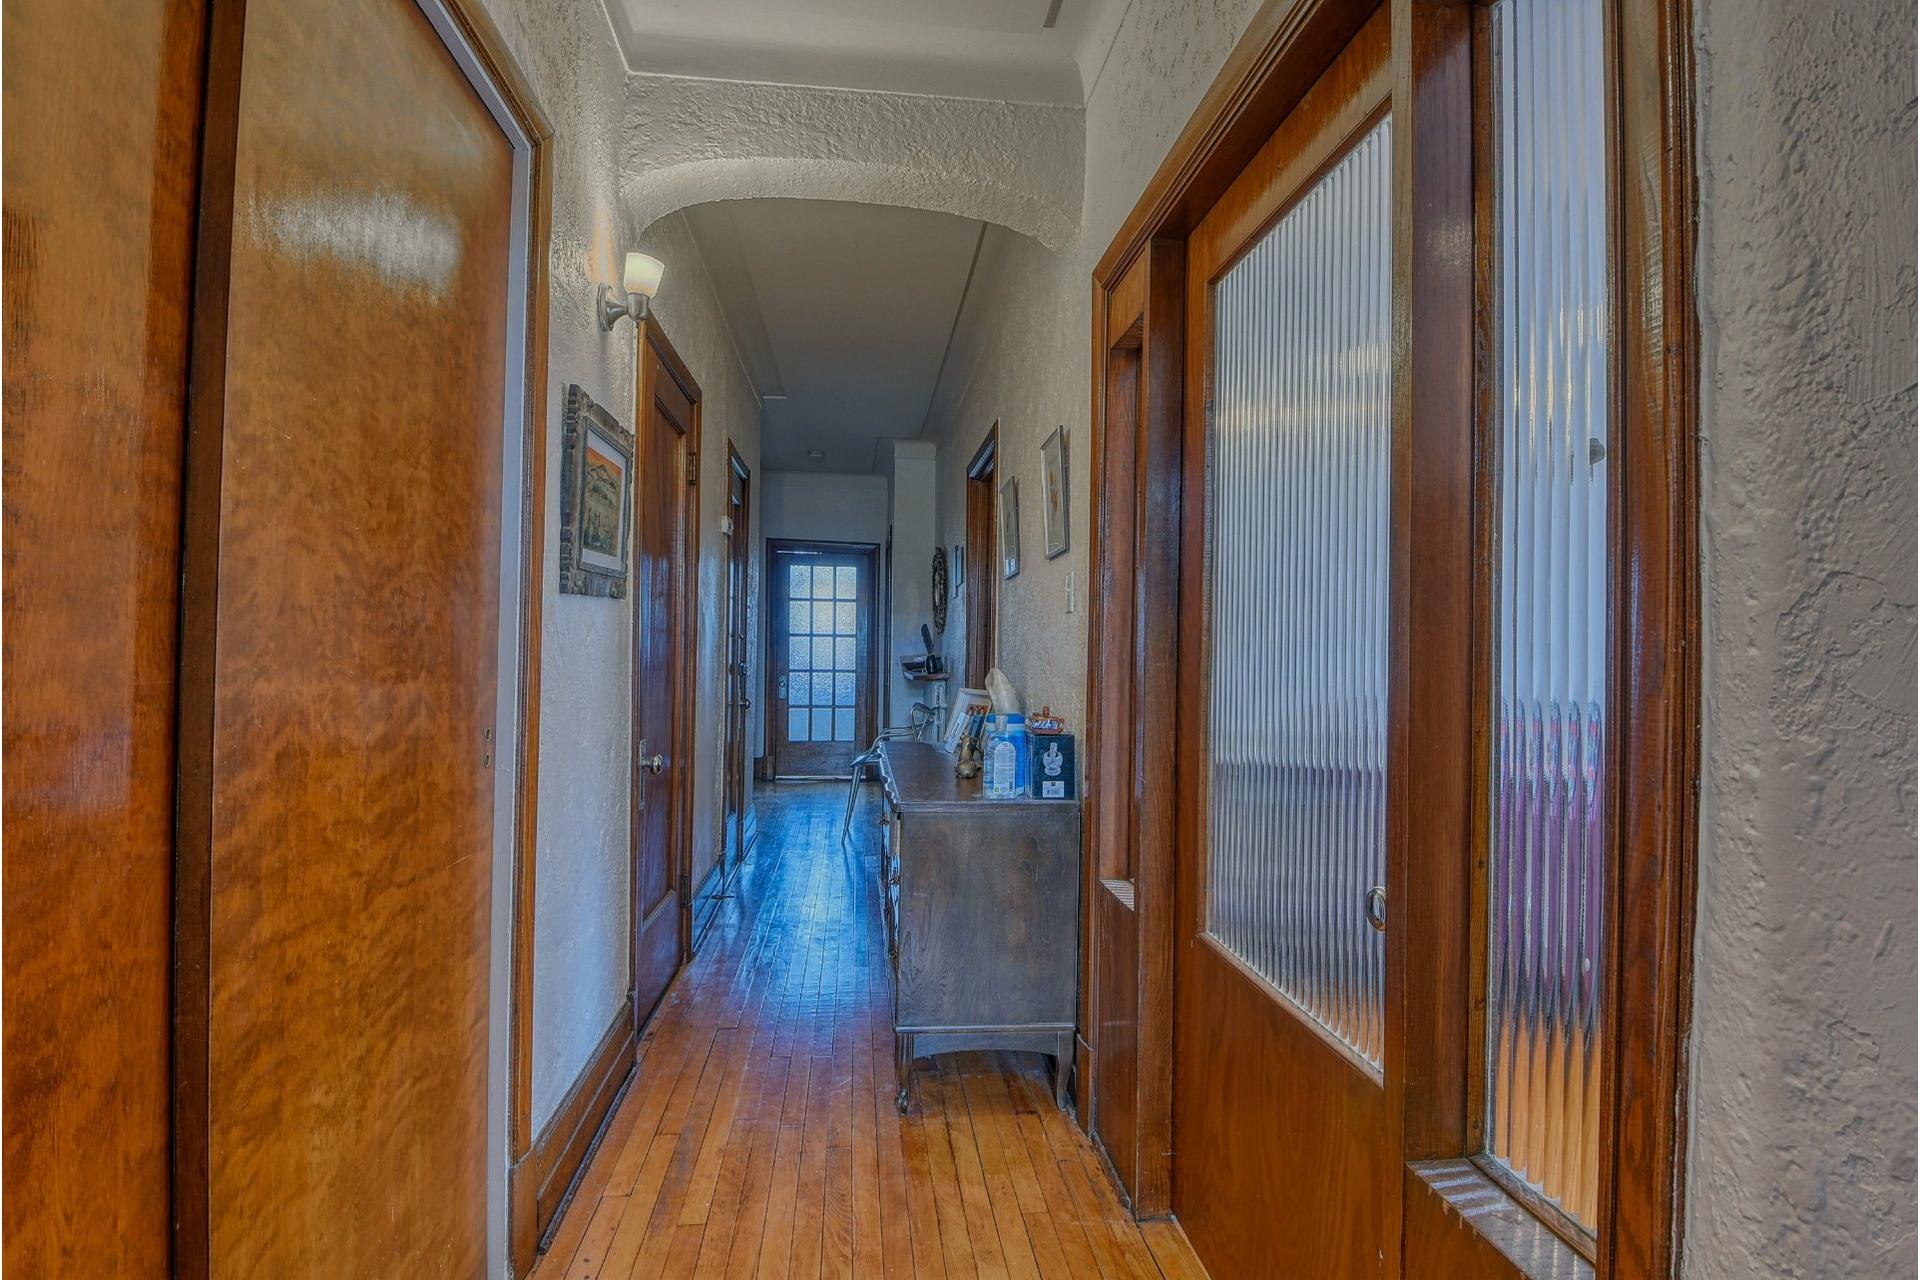 image 8 - Apartment For rent Côte-des-Neiges/Notre-Dame-de-Grâce Montréal  - 6 rooms